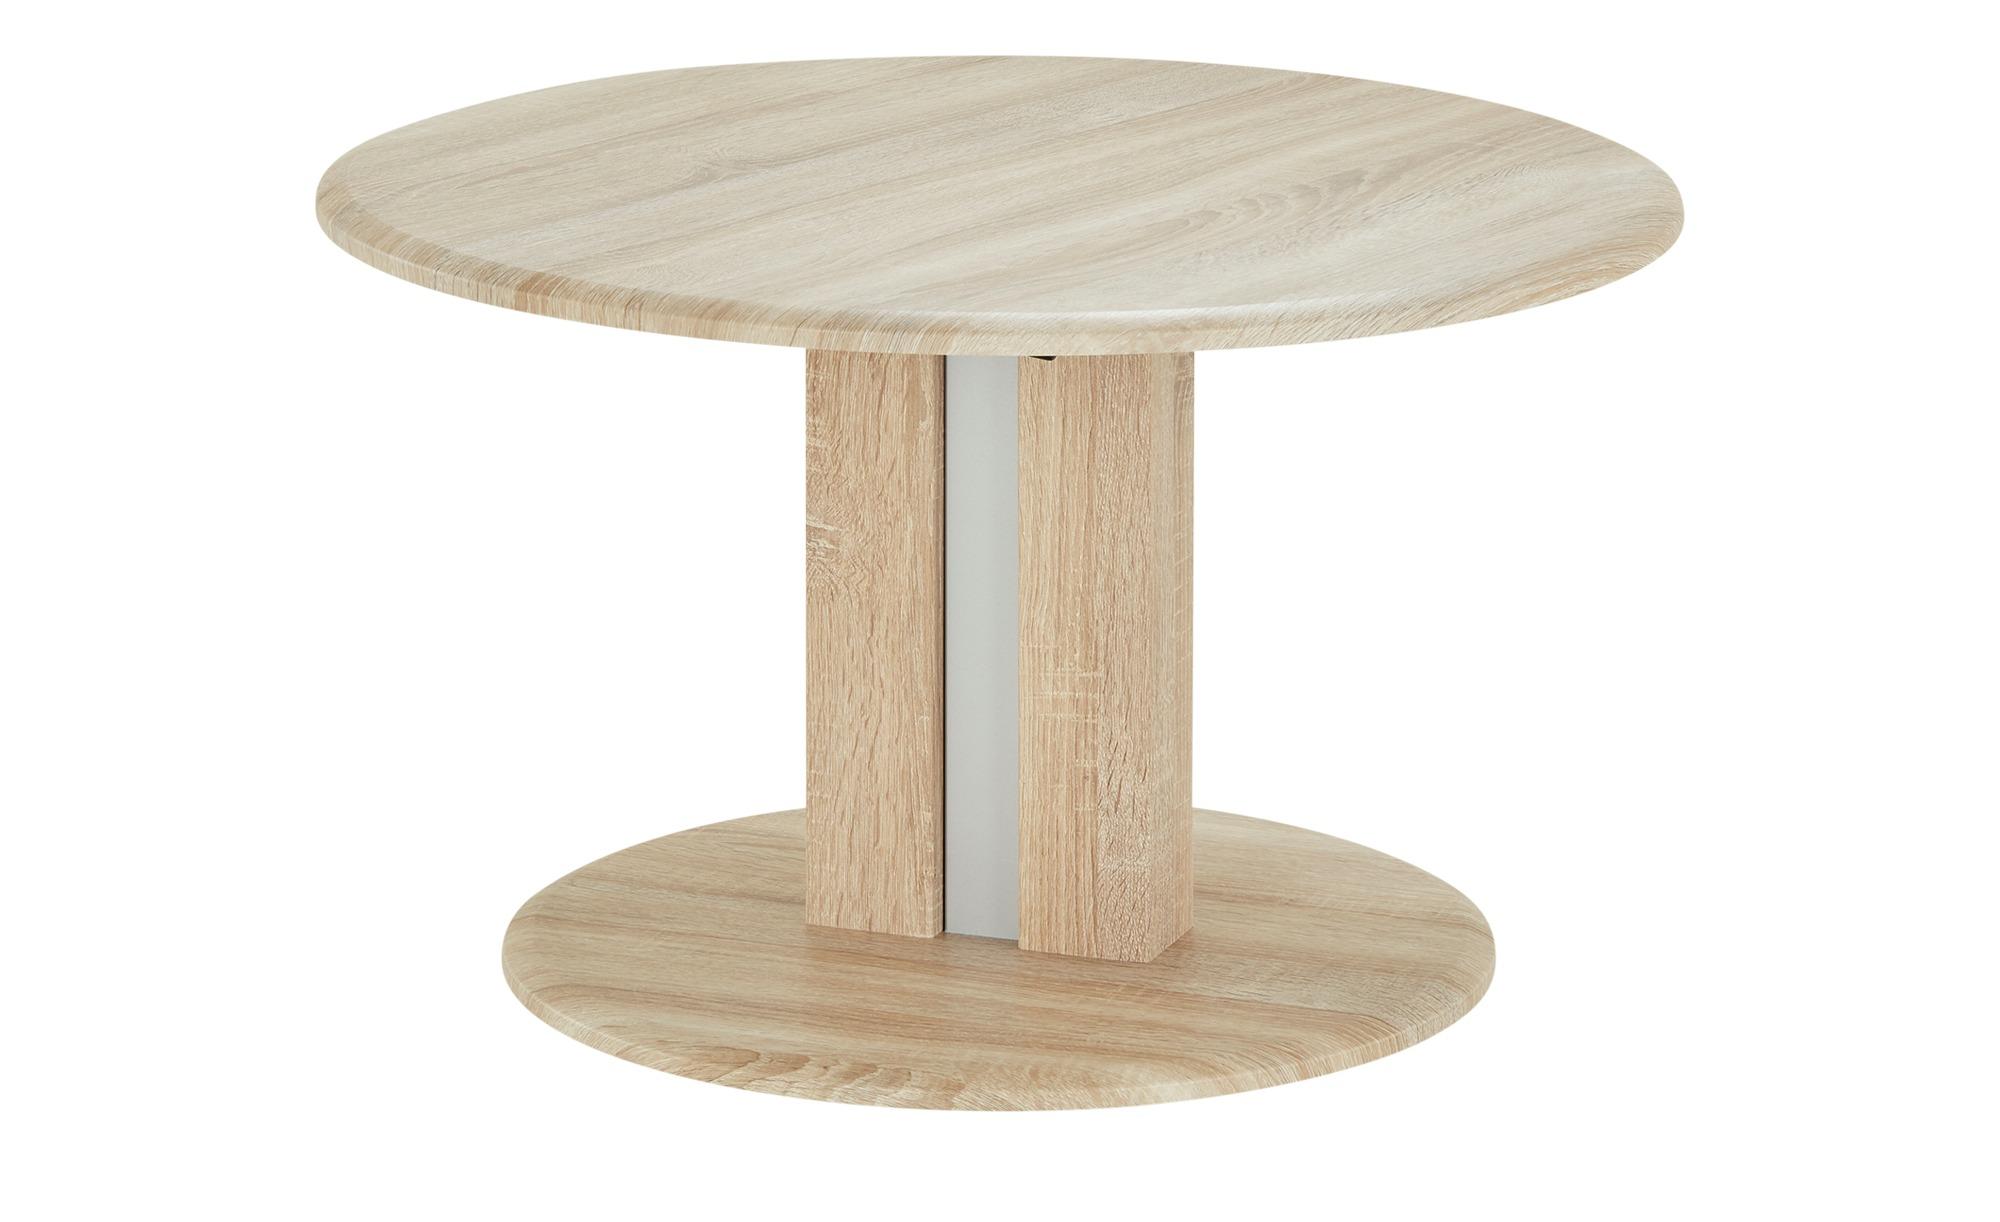 Couchtisch  Peru ¦ holzfarben ¦ Maße (cm): B: 78 H: 47 T: 78 Tische > Couchtische > Couchtische höhenverstellbar - Höffner